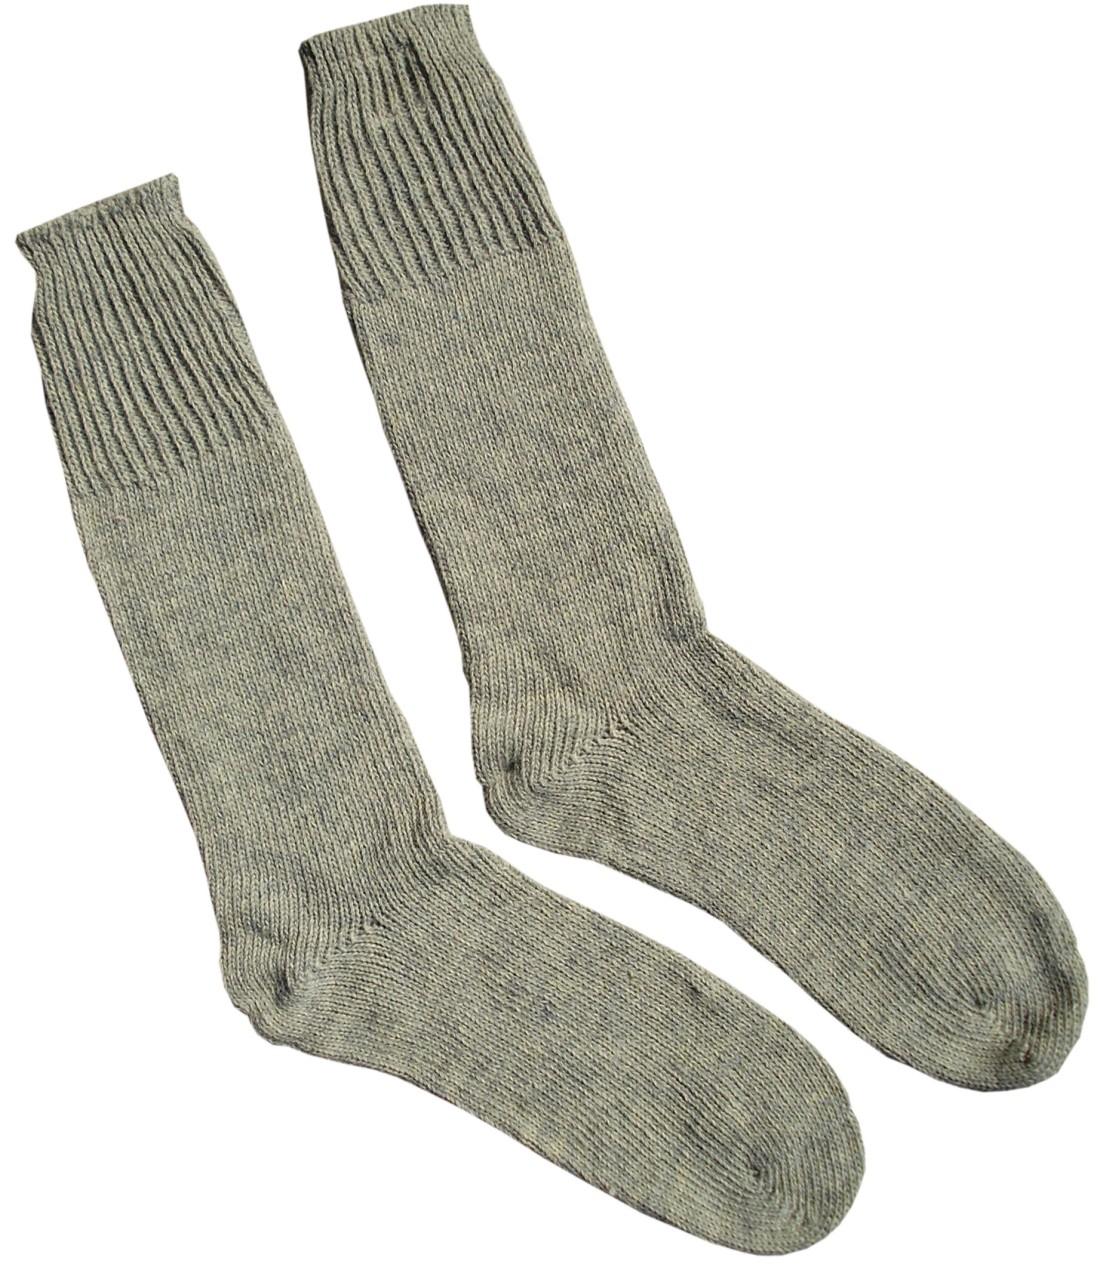 British_Army_WWII_Socks.jpg